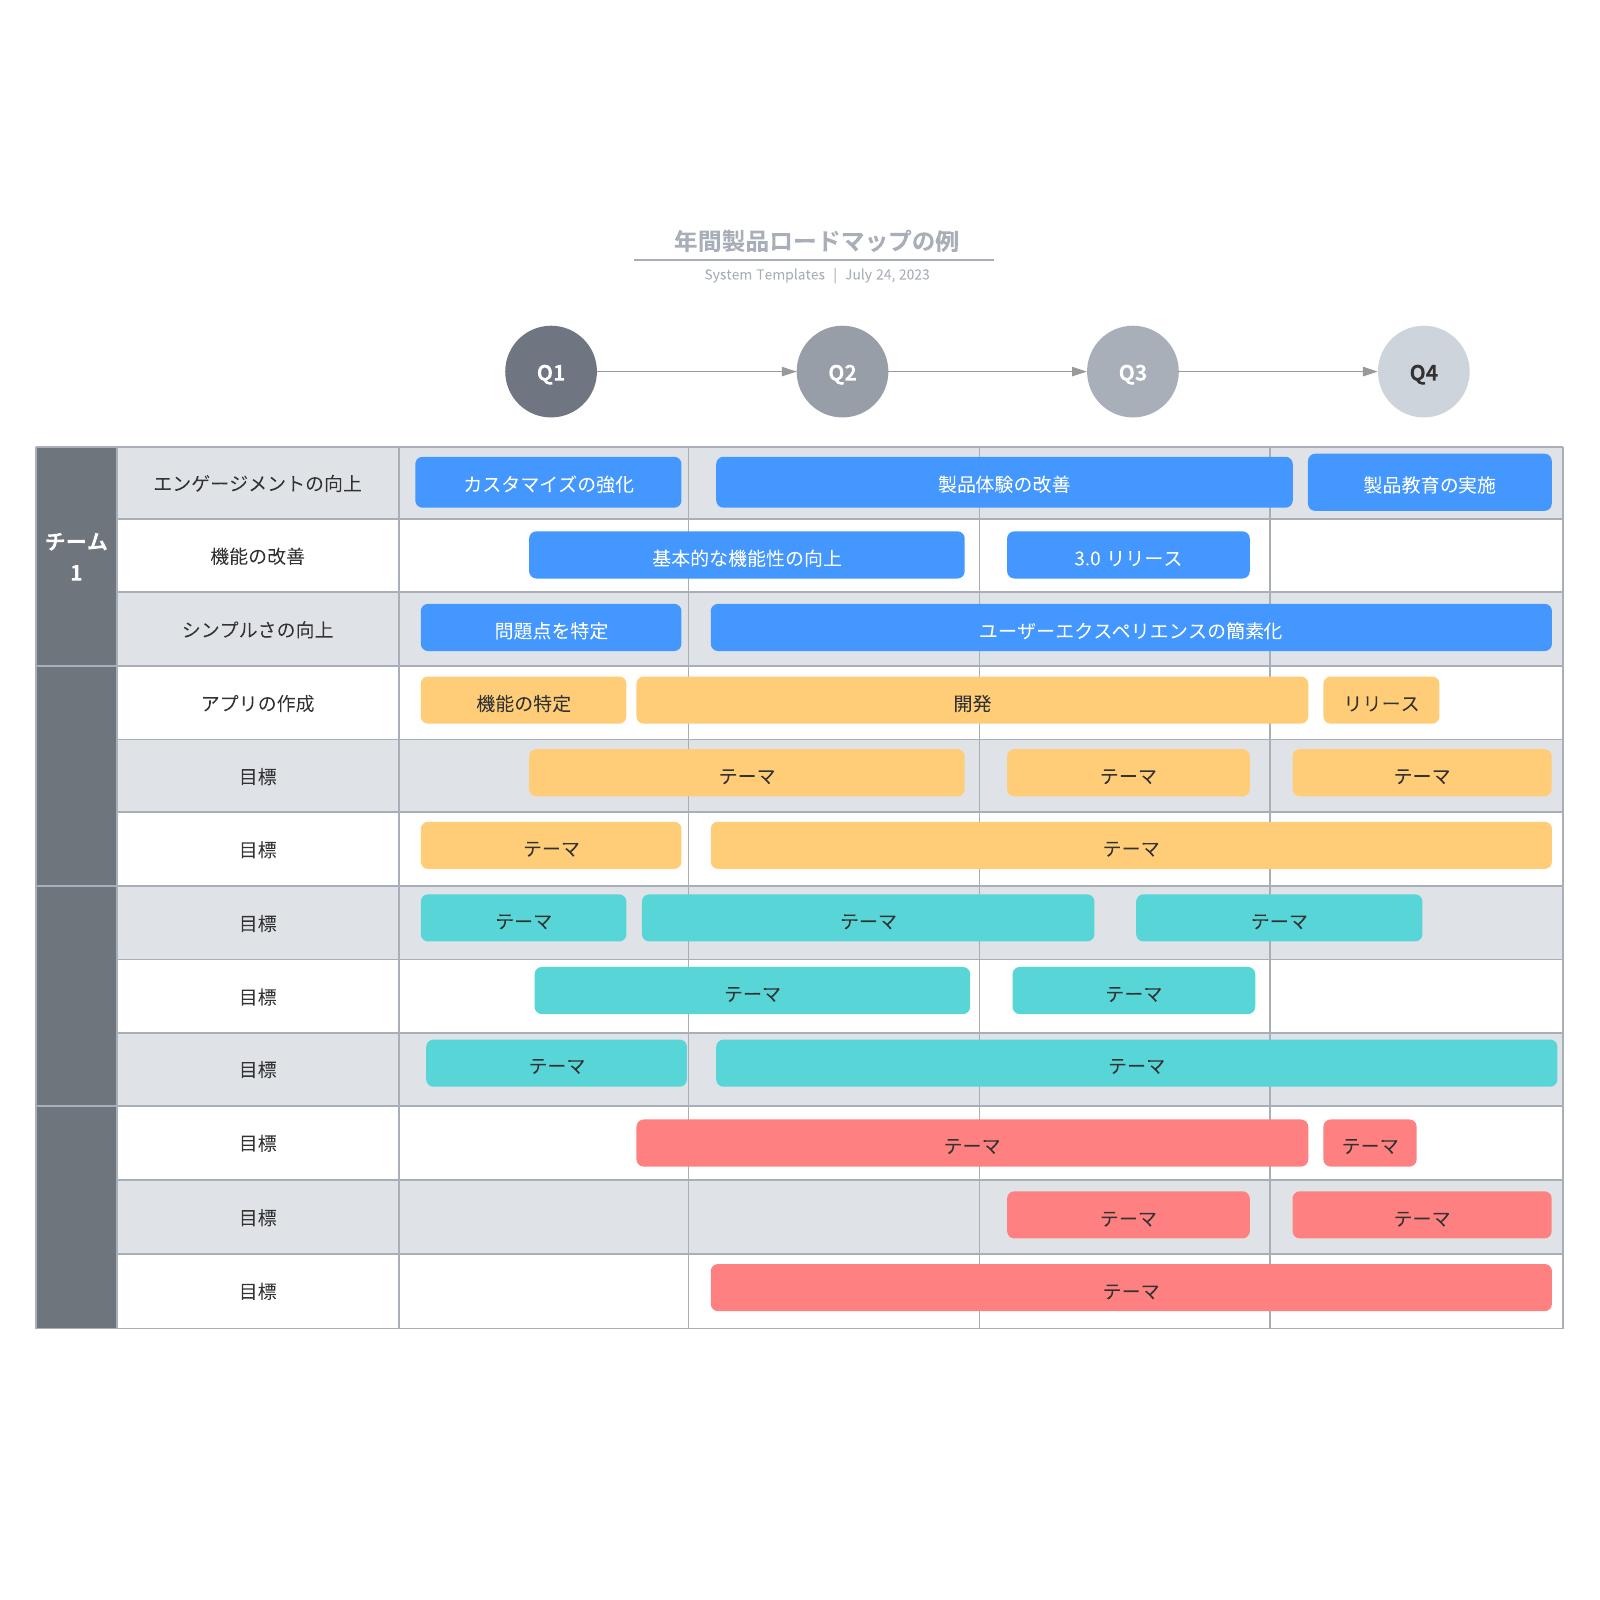 製品ロードマップ事例とテンプレート・フリー素材も豊富!